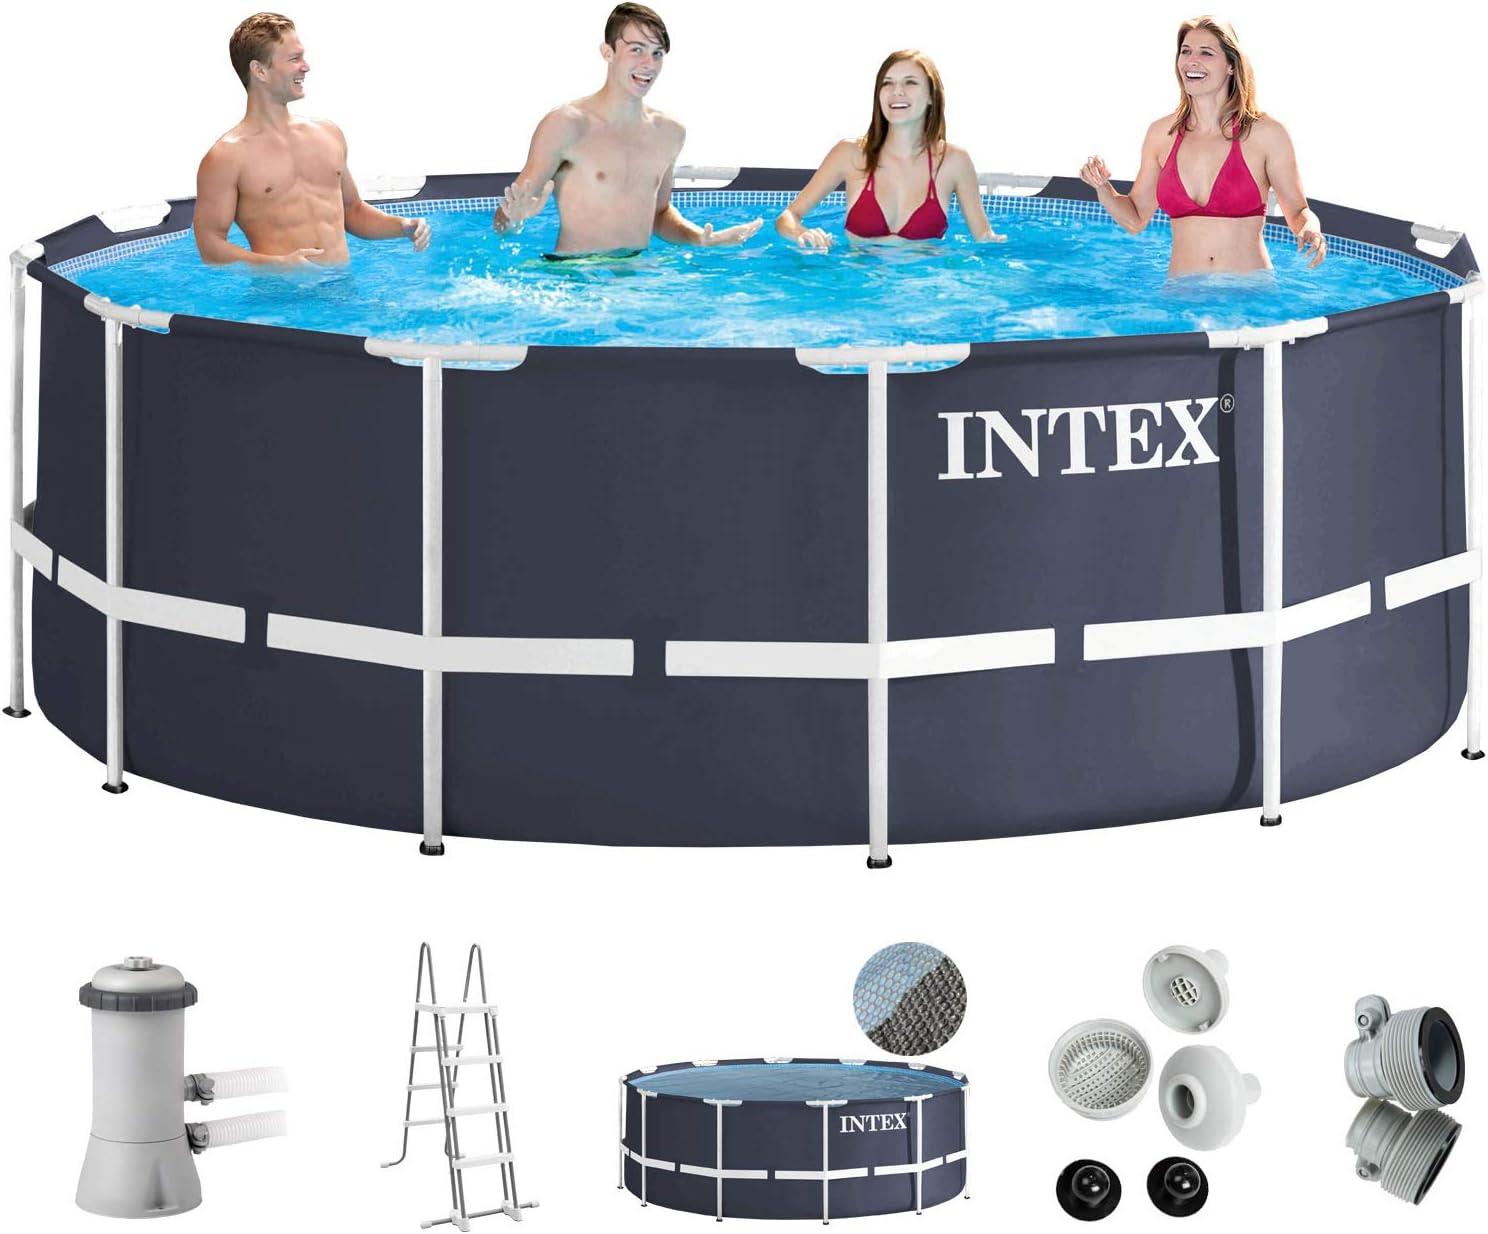 Intex 366 x 122 Juego completo con Intex cartucho Eco 28638 GS, filtros Intex Seguridad Escalera, Intex anschlus Set, Solar pantalla swimming pool Piscina Frame metal acero pared: Amazon.es: Jardín